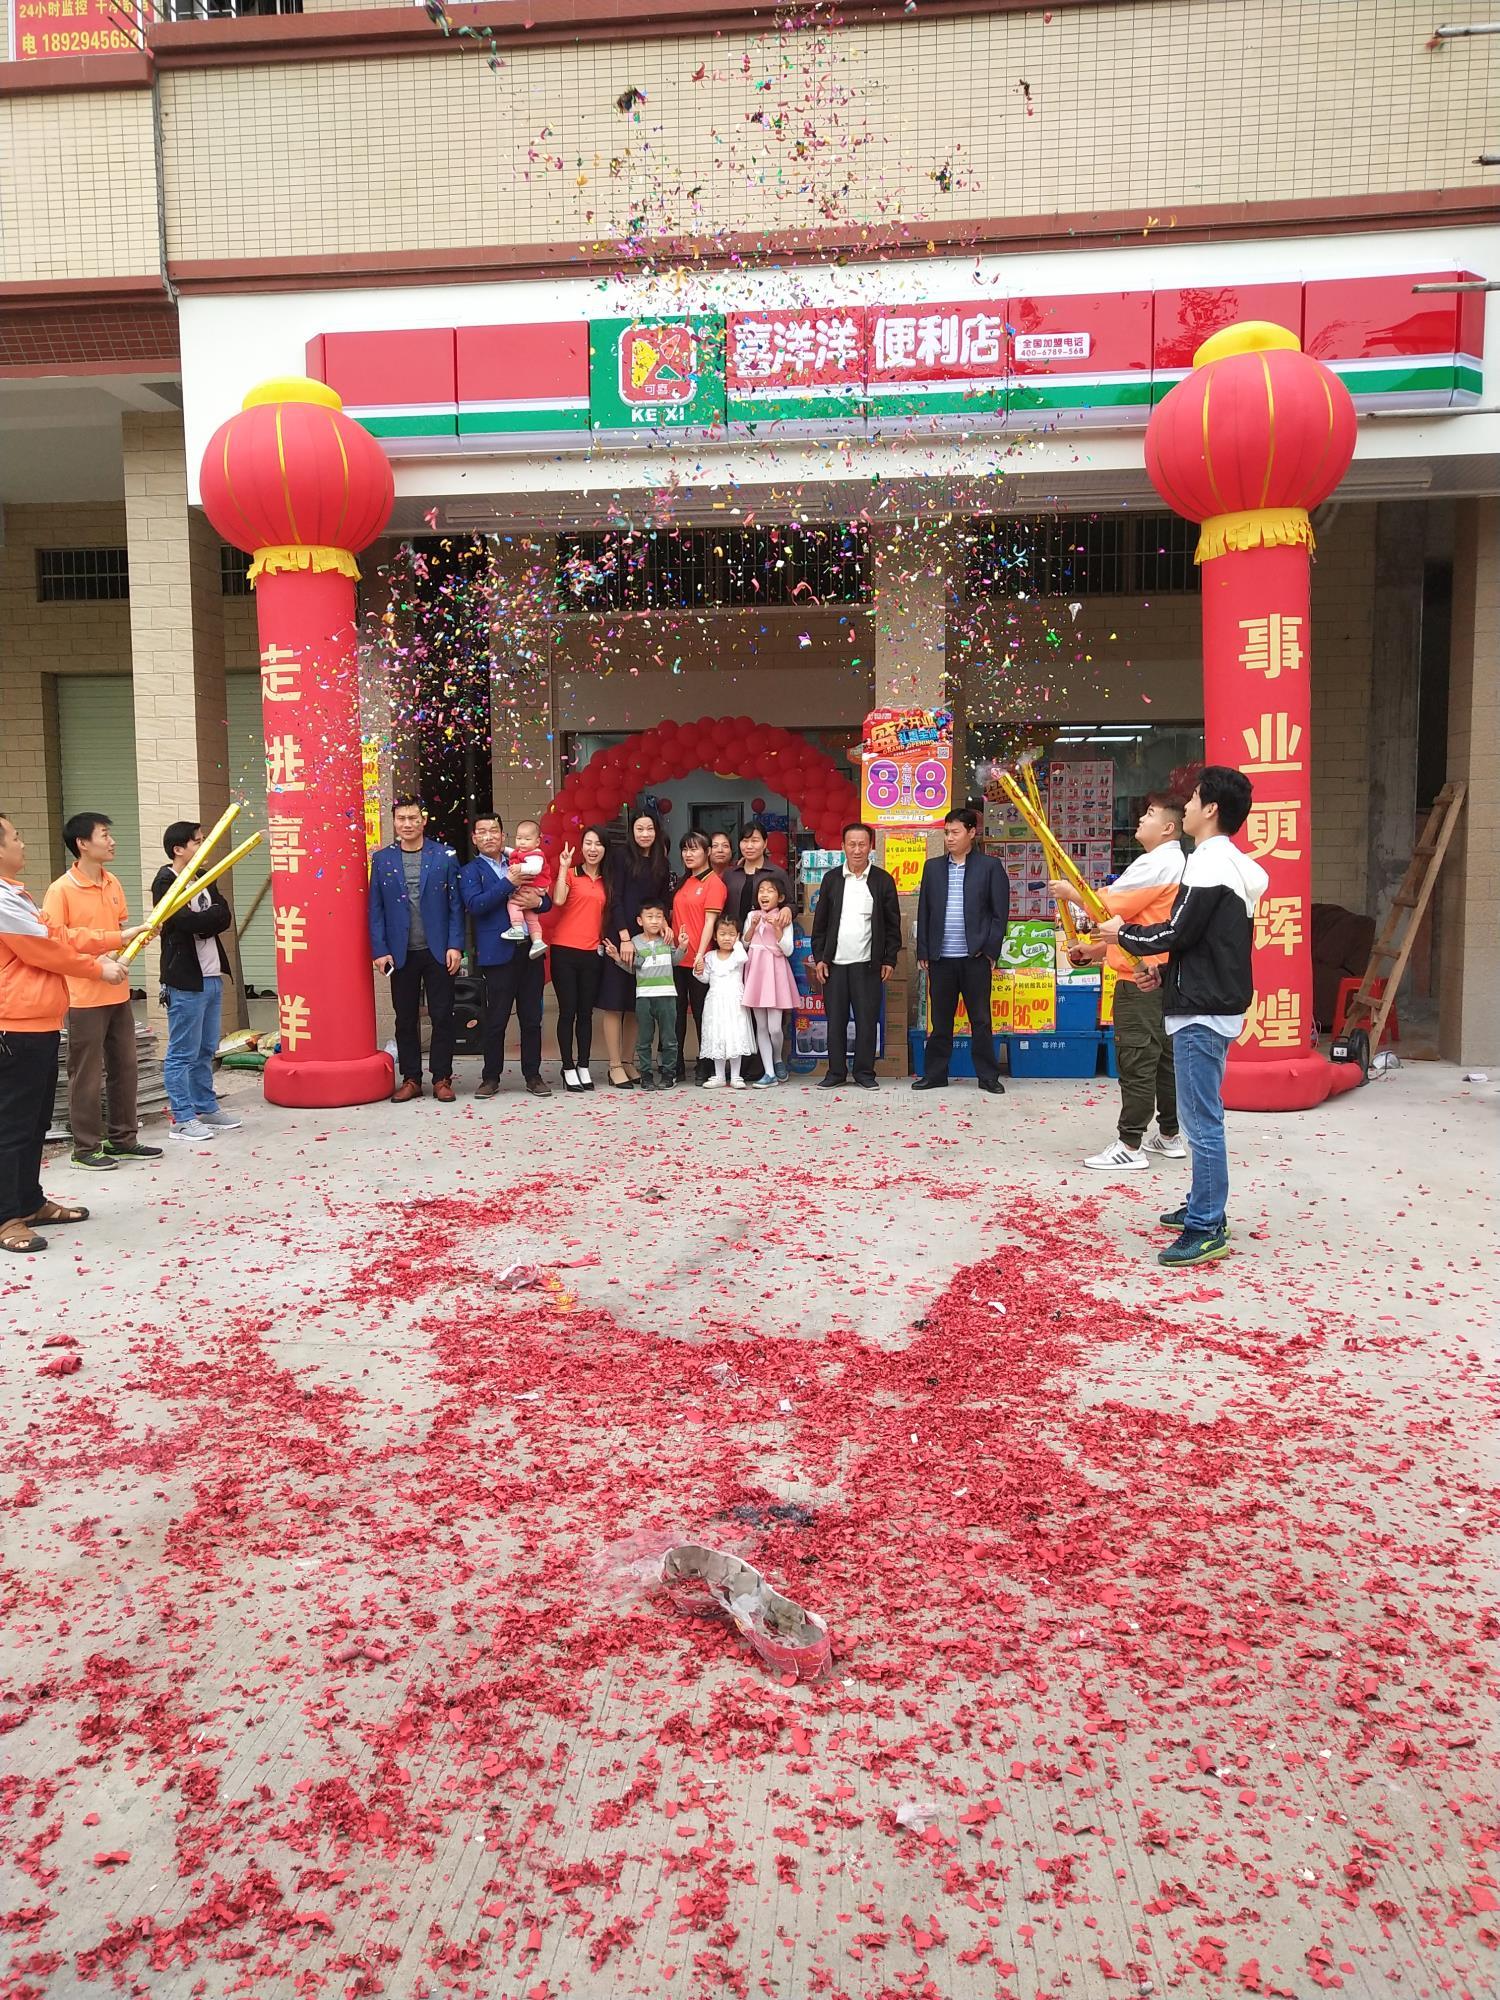 喜洋洋全体员工热烈庆祝横沥致远分店11月25日隆重开业!